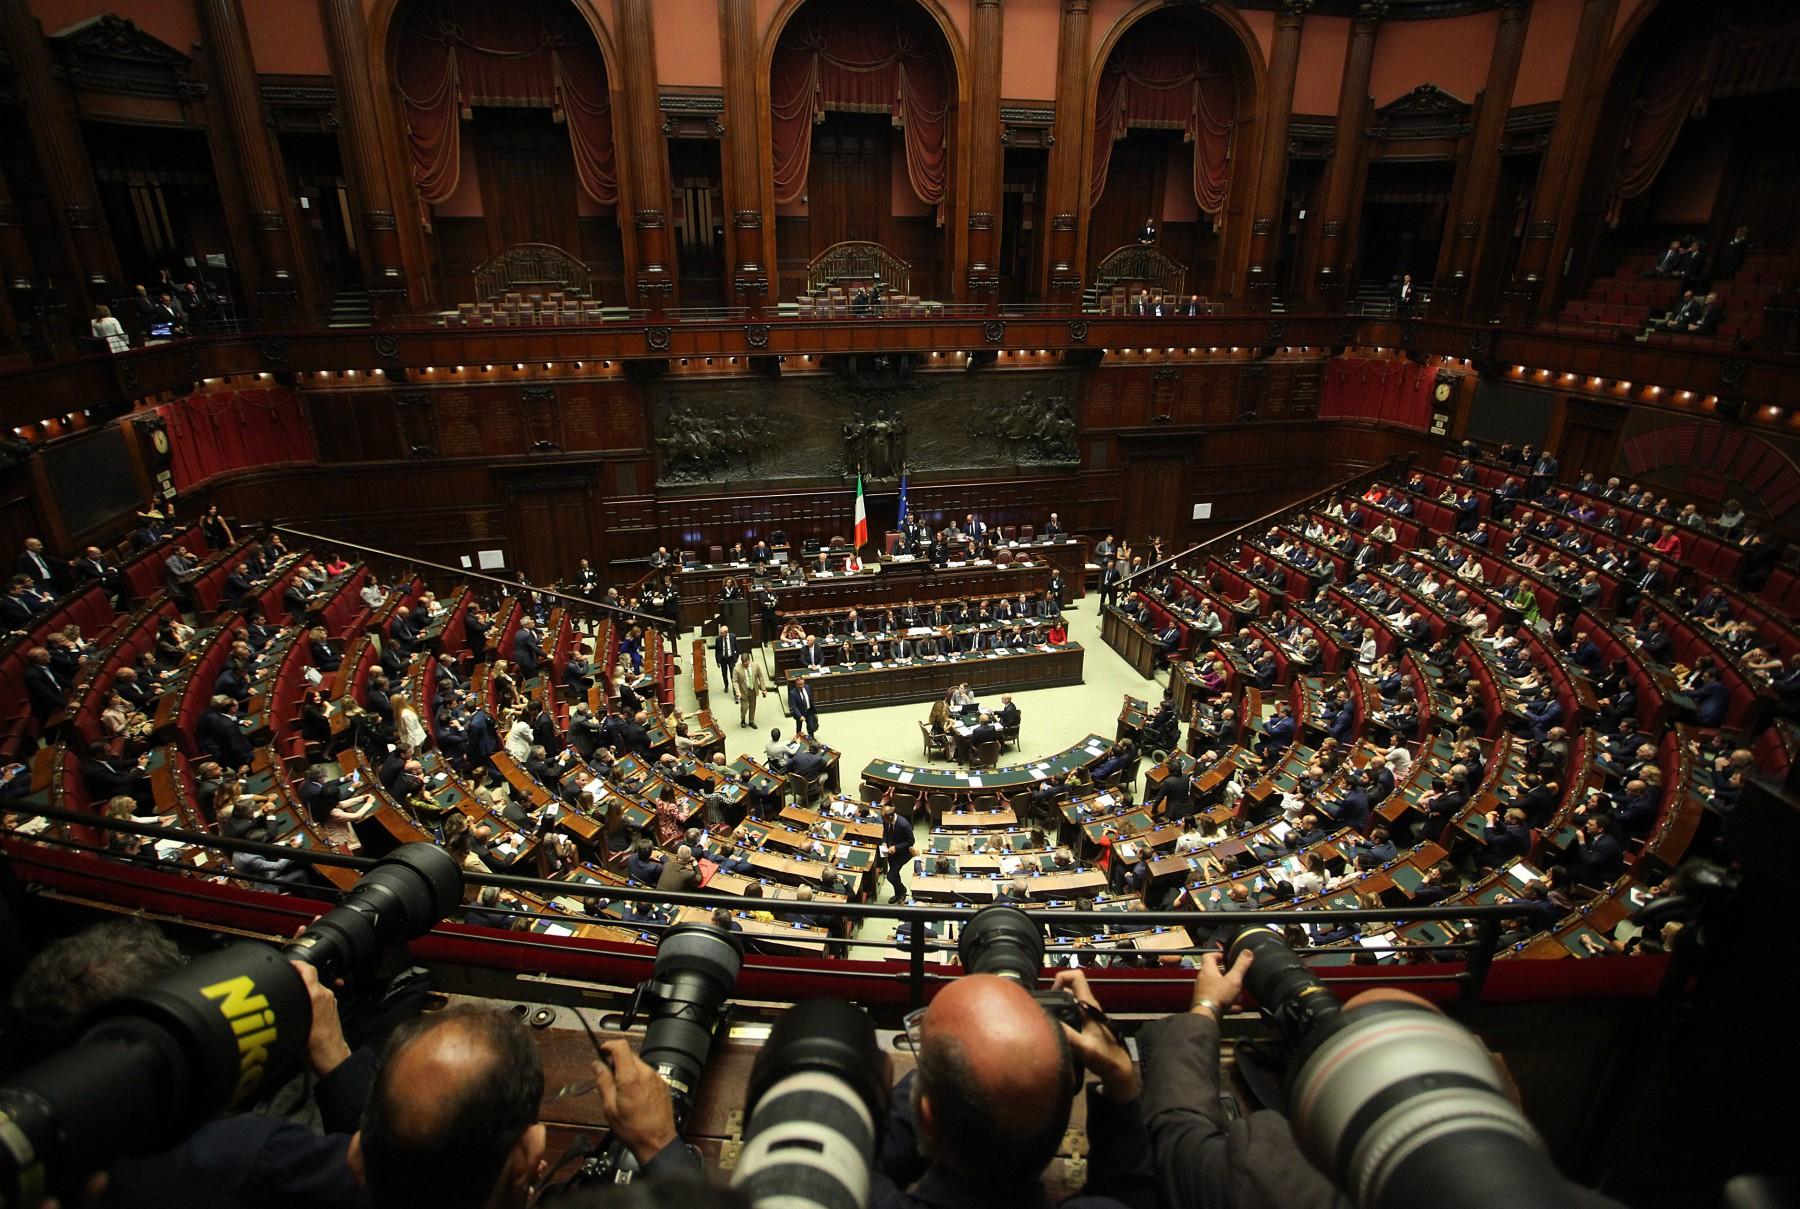 Il taglio dei parlamentari stato approvato e adesso for Parlamentari italiani numero